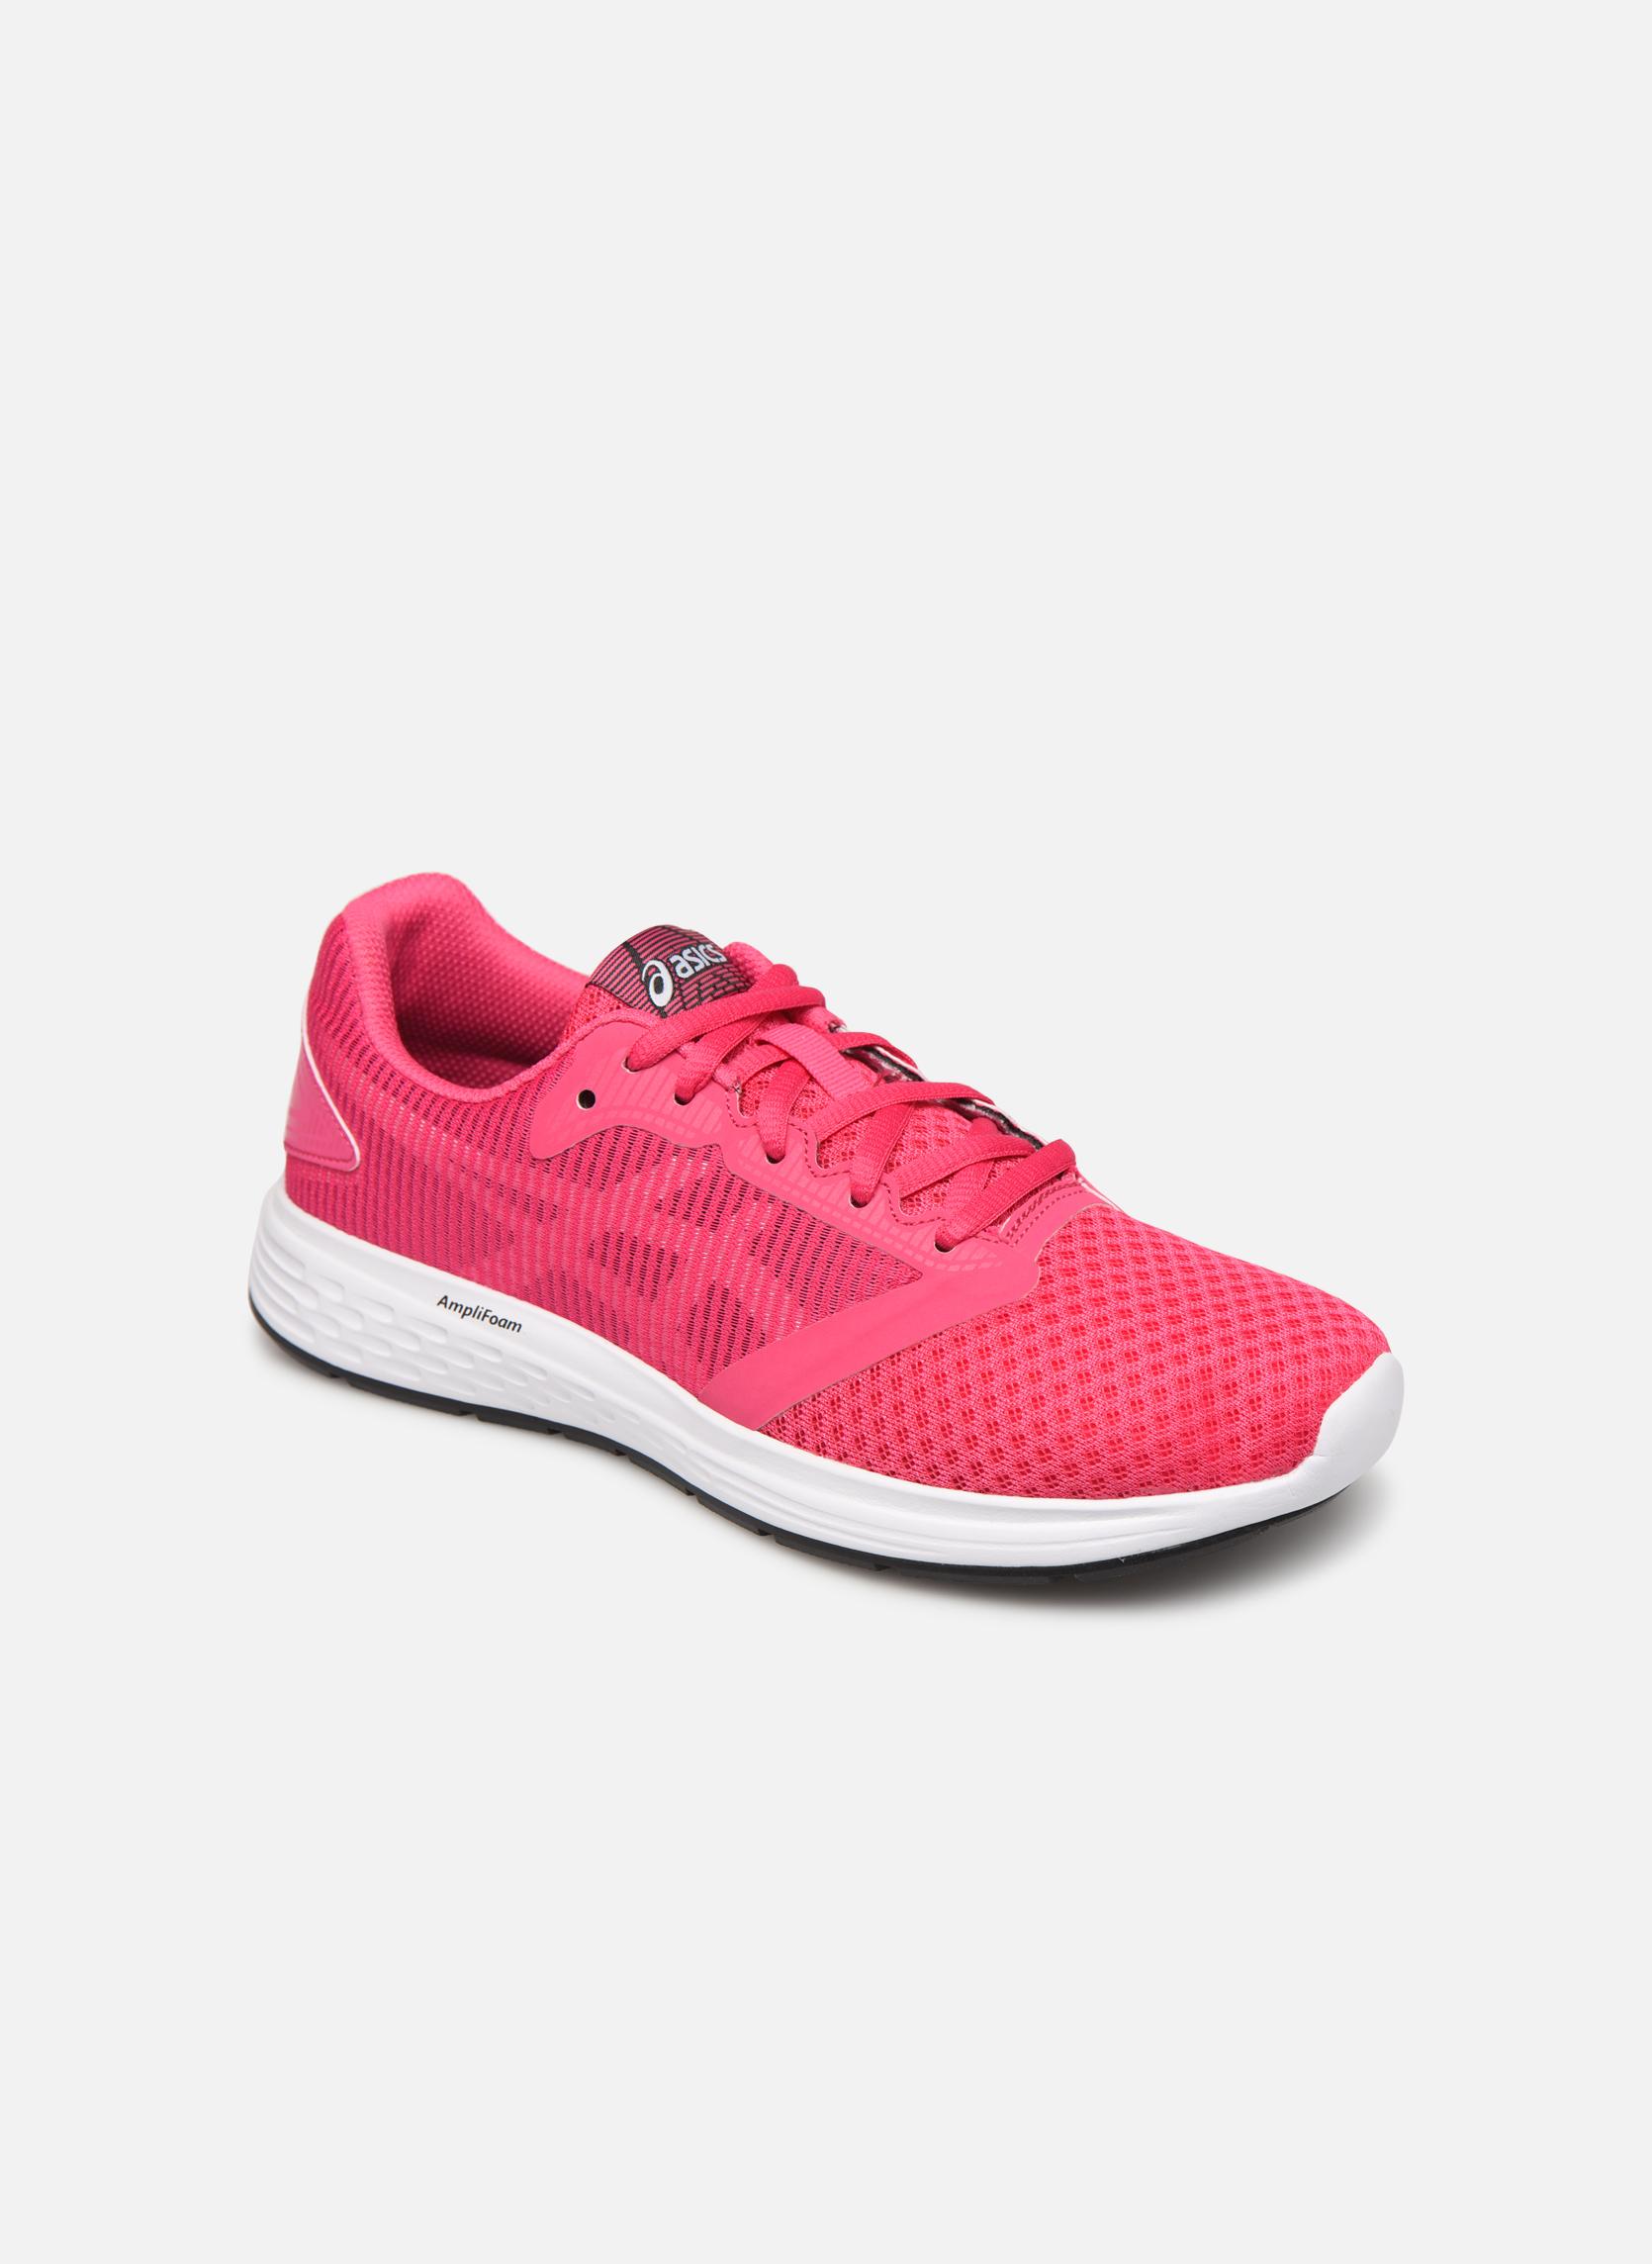 73f6acf17 Outlet de zapatillas de running Asics niño - niña rosas baratas ...